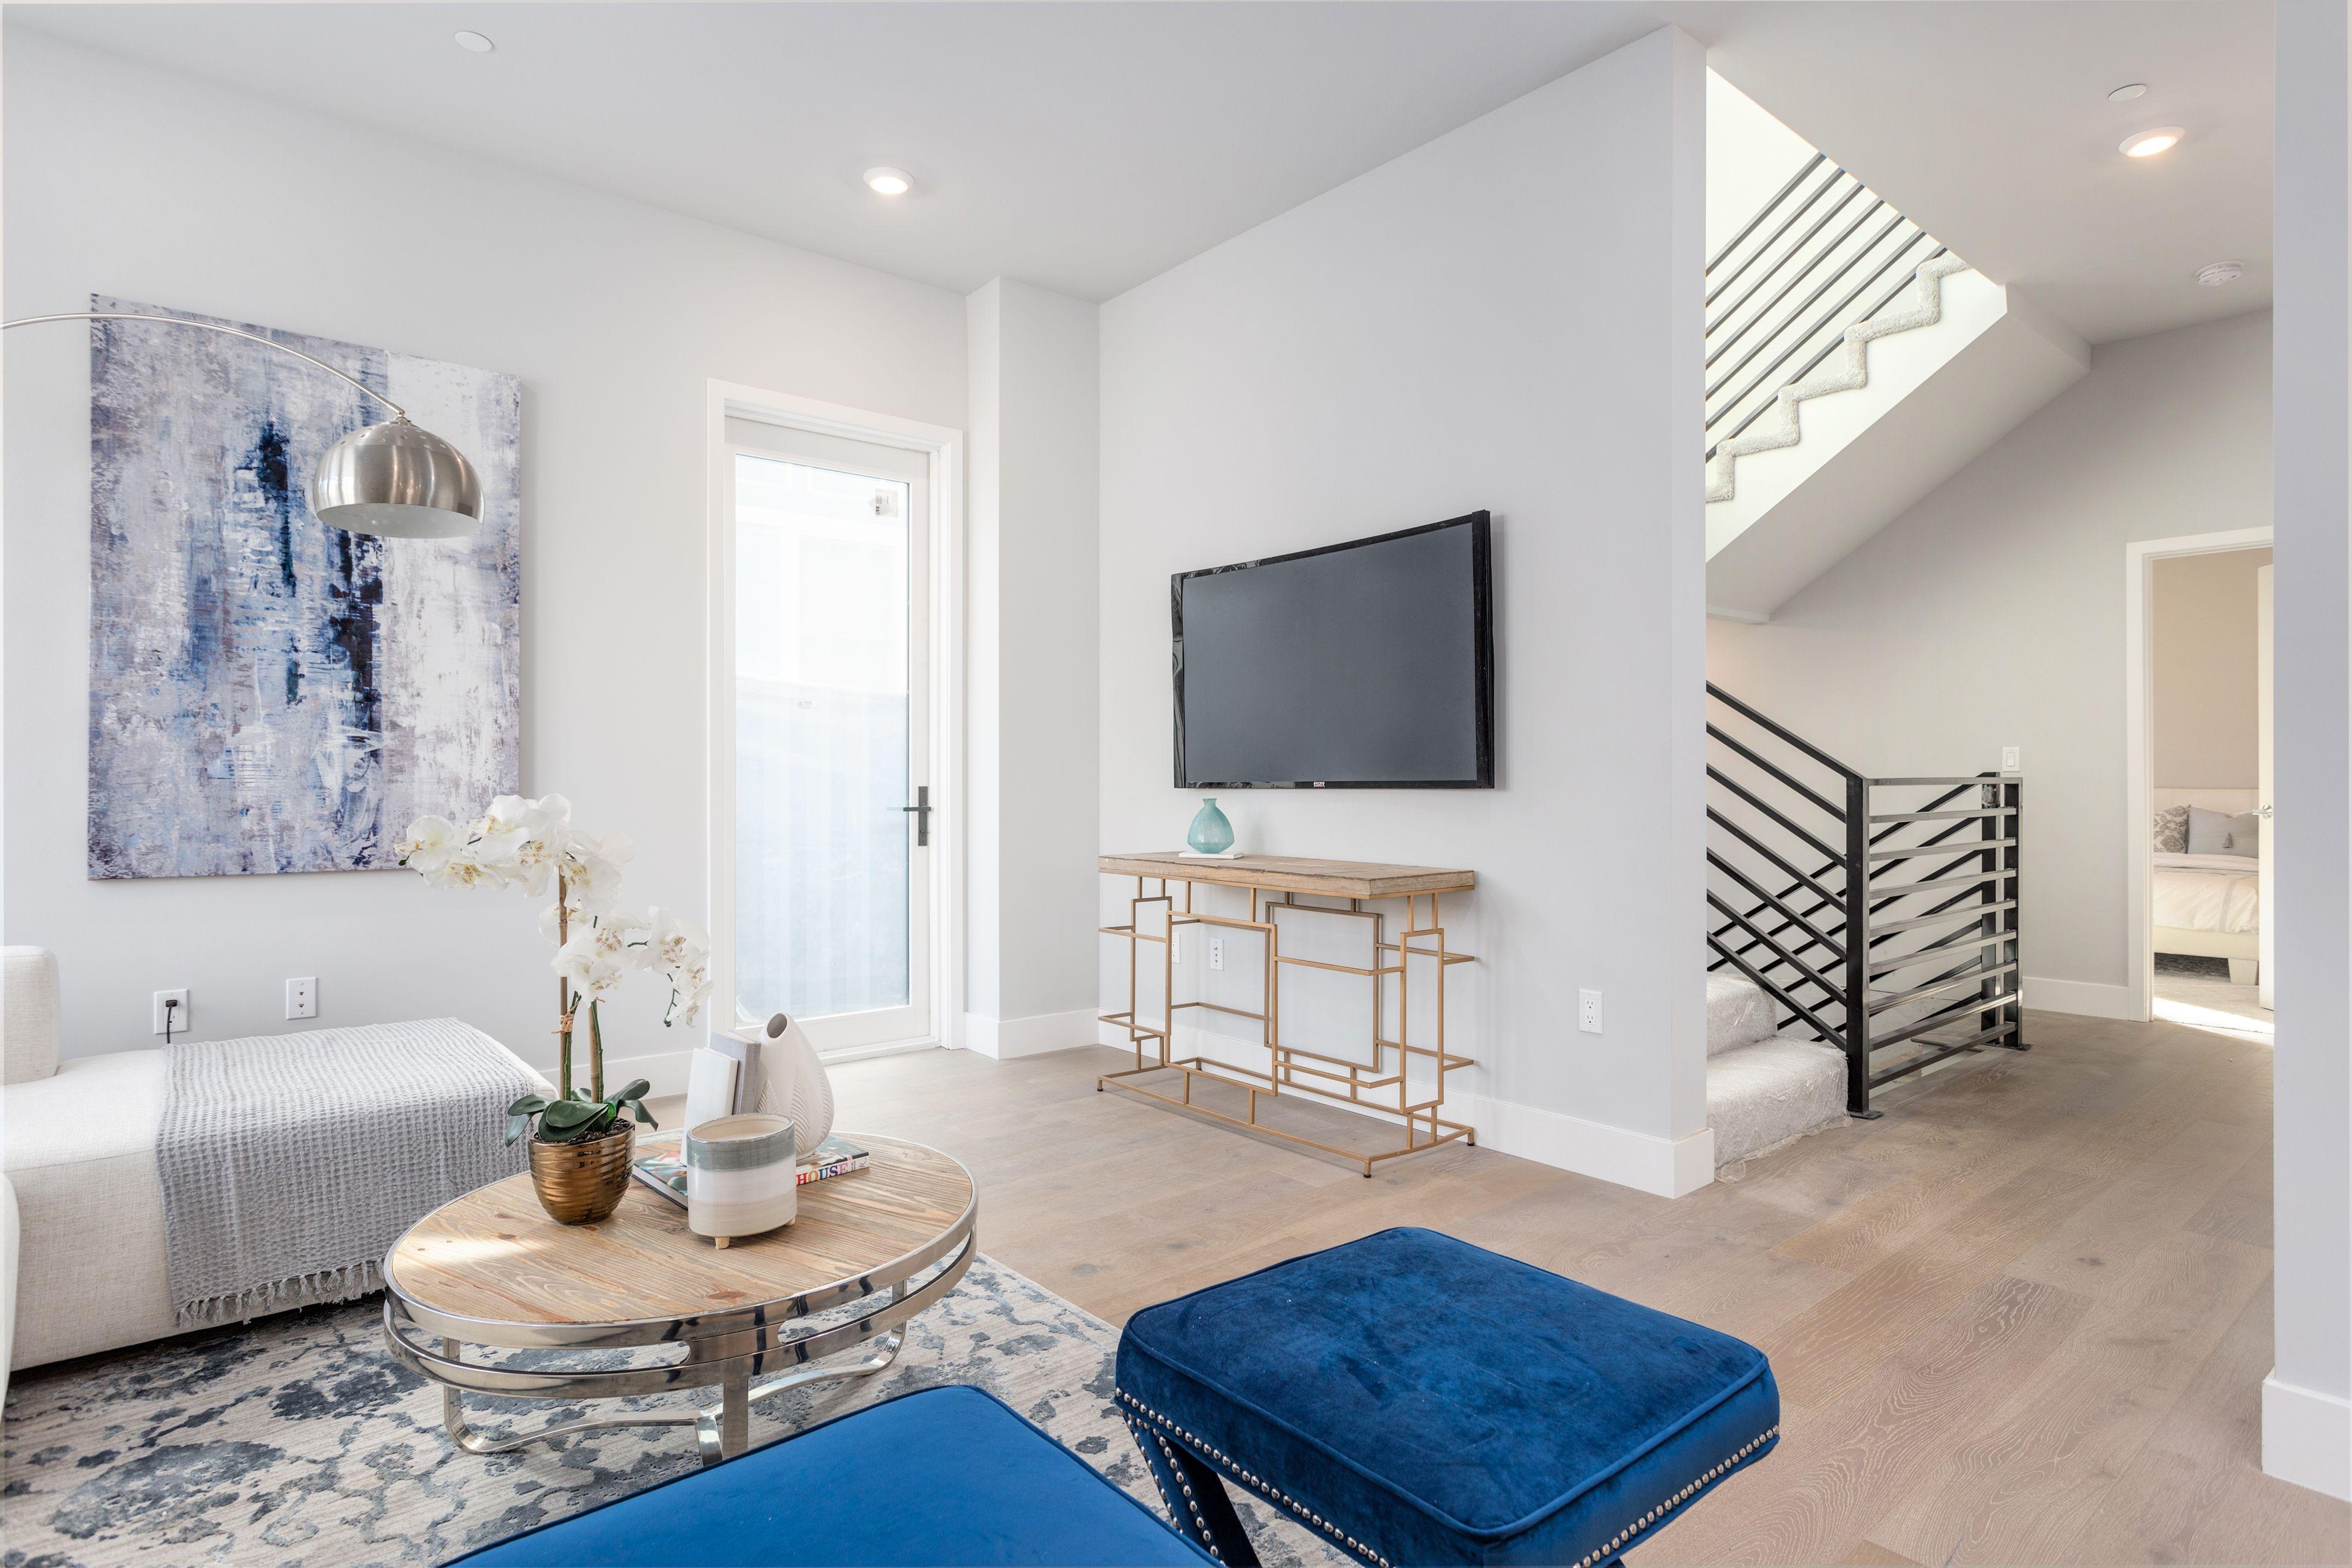 'Marengo Villa' by Marengo Pasadena, LLC  in Los Angeles